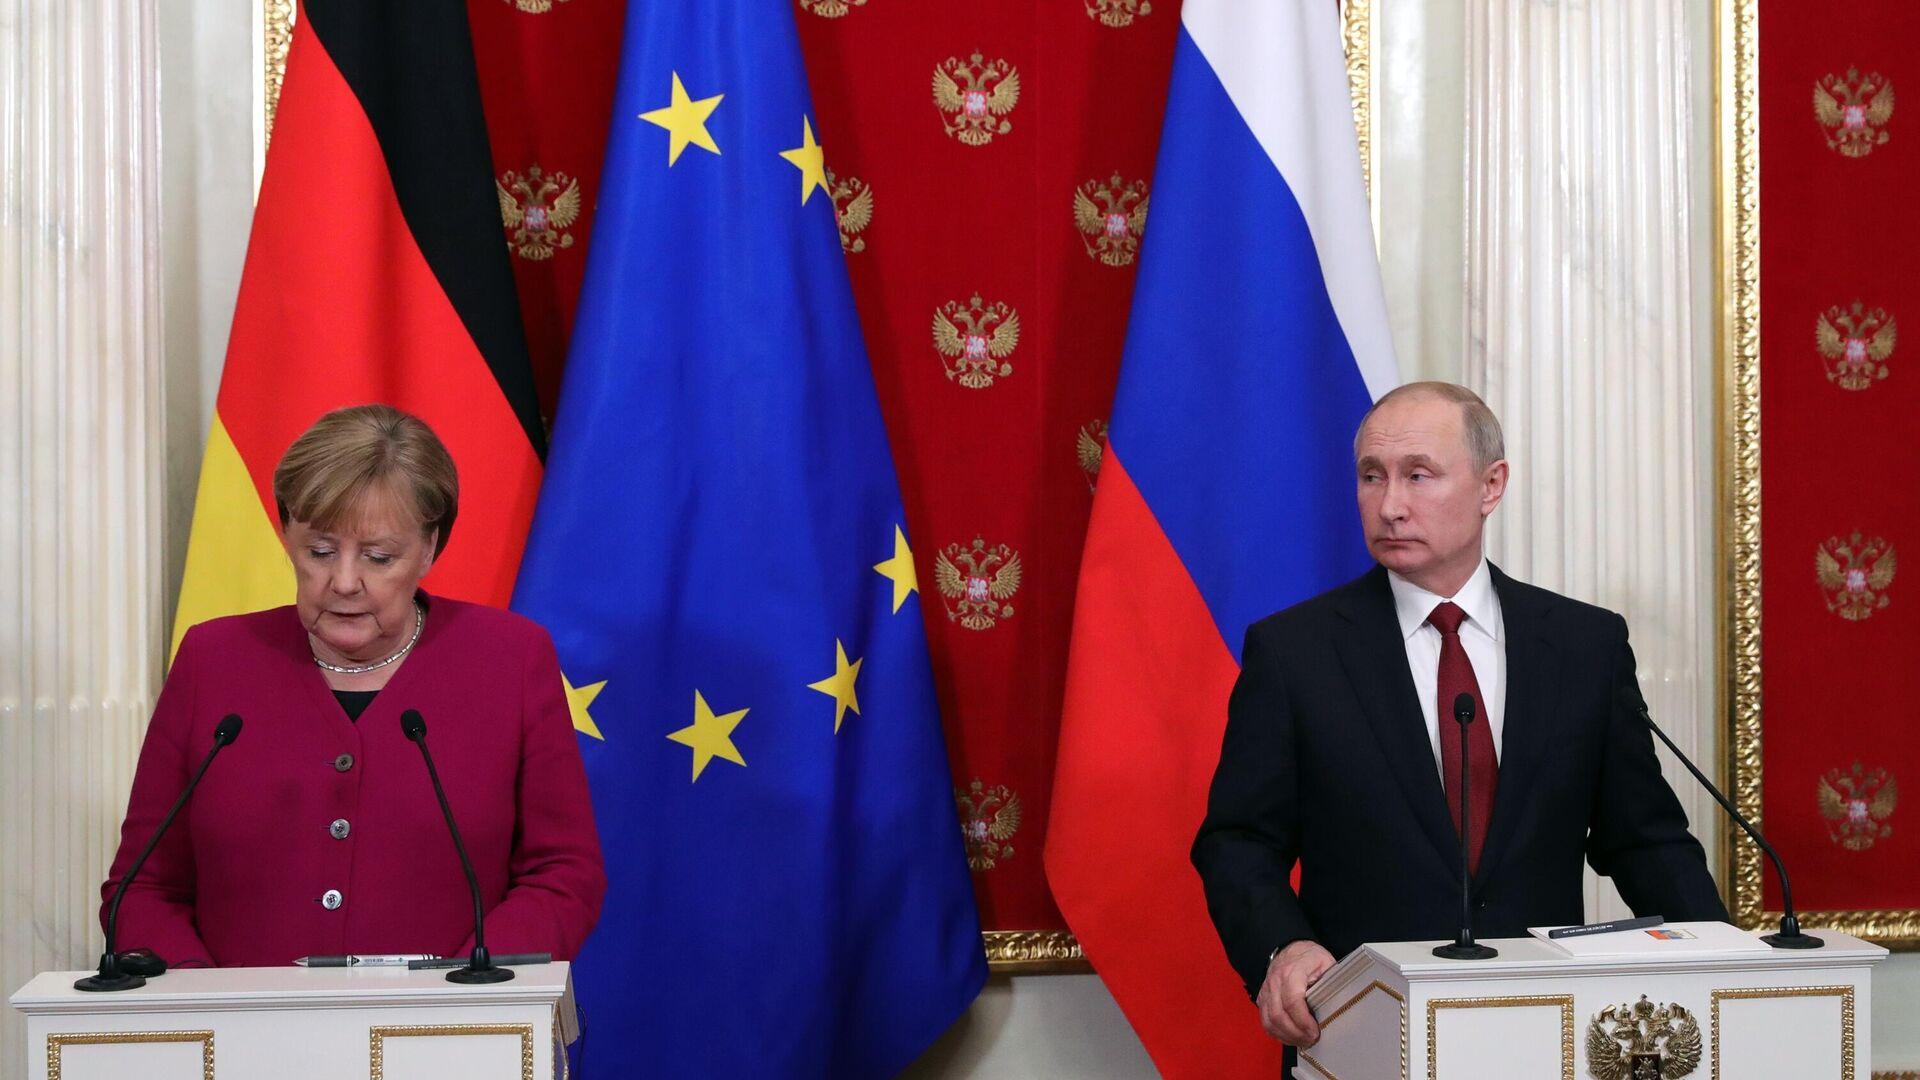 Президент РФ Владимир Путин и федеральный канцлер Германии Ангела Меркель во время совместной пресс-конференции по итогам встречи - РИА Новости, 1920, 21.07.2021